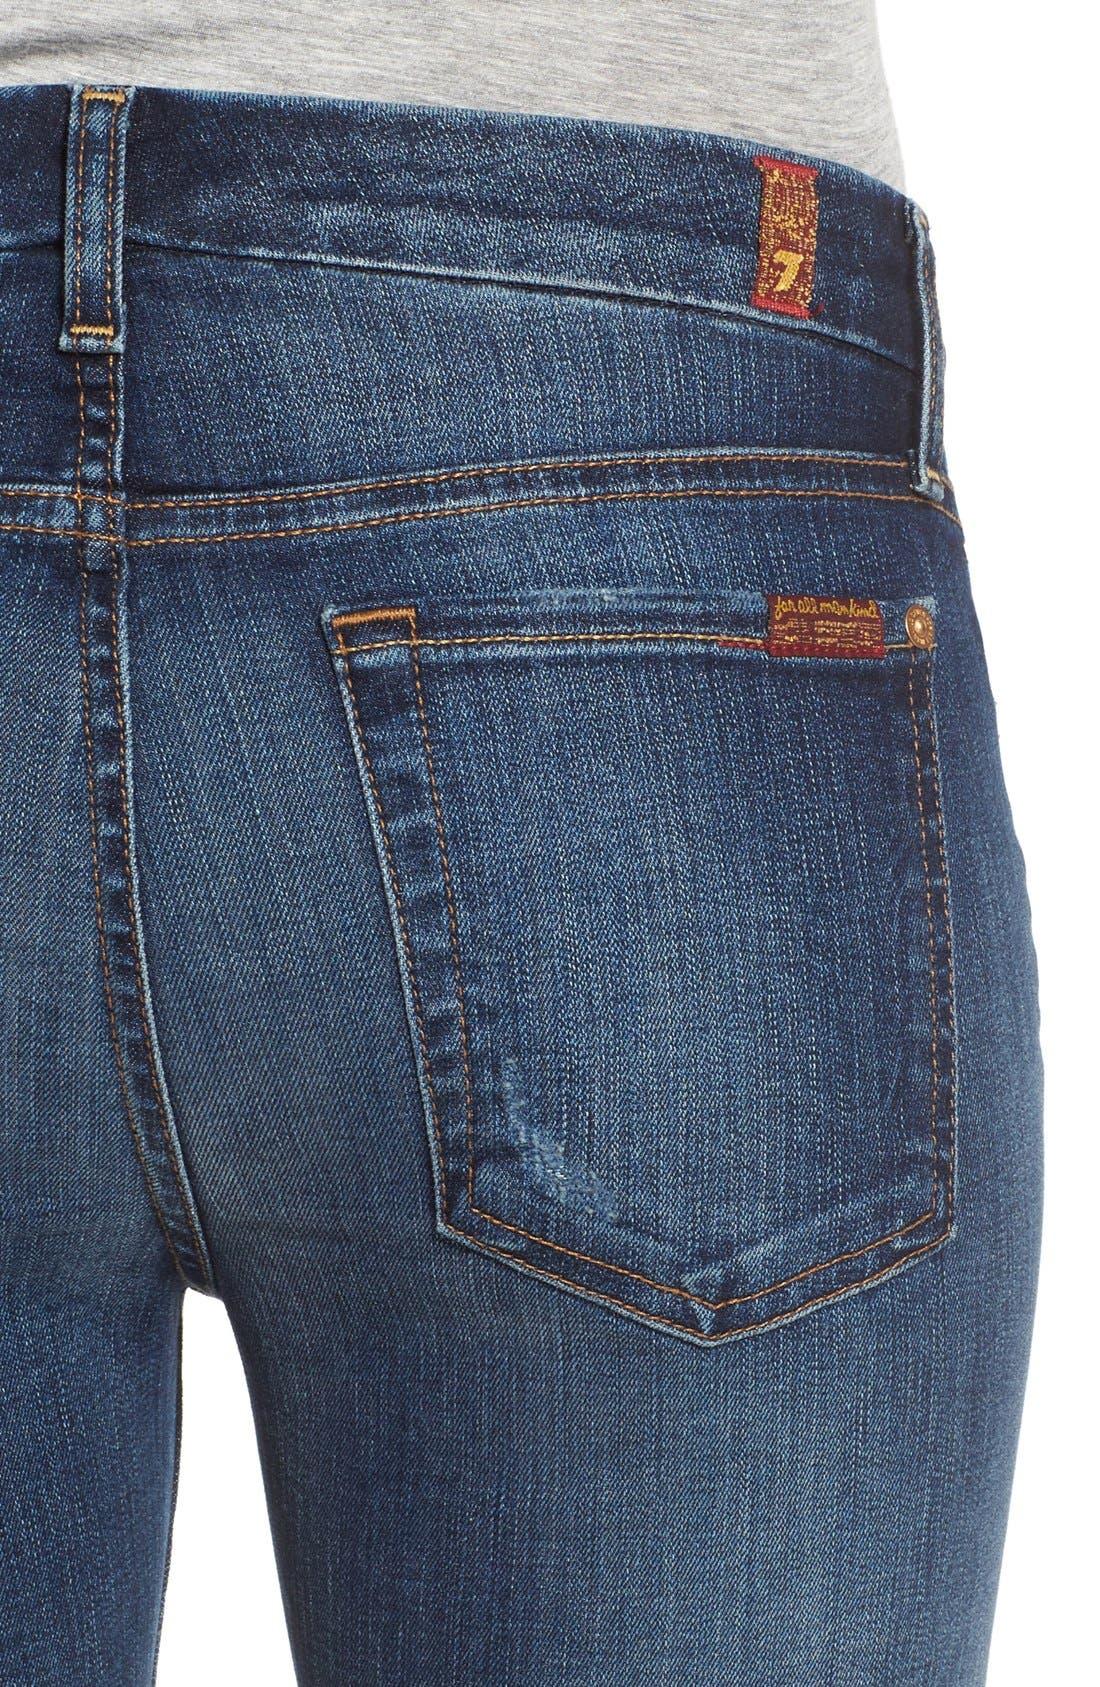 Alternate Image 4  - 7 For All Mankind® Destroyed Skinny Jeans (Dark Vintage Blue)